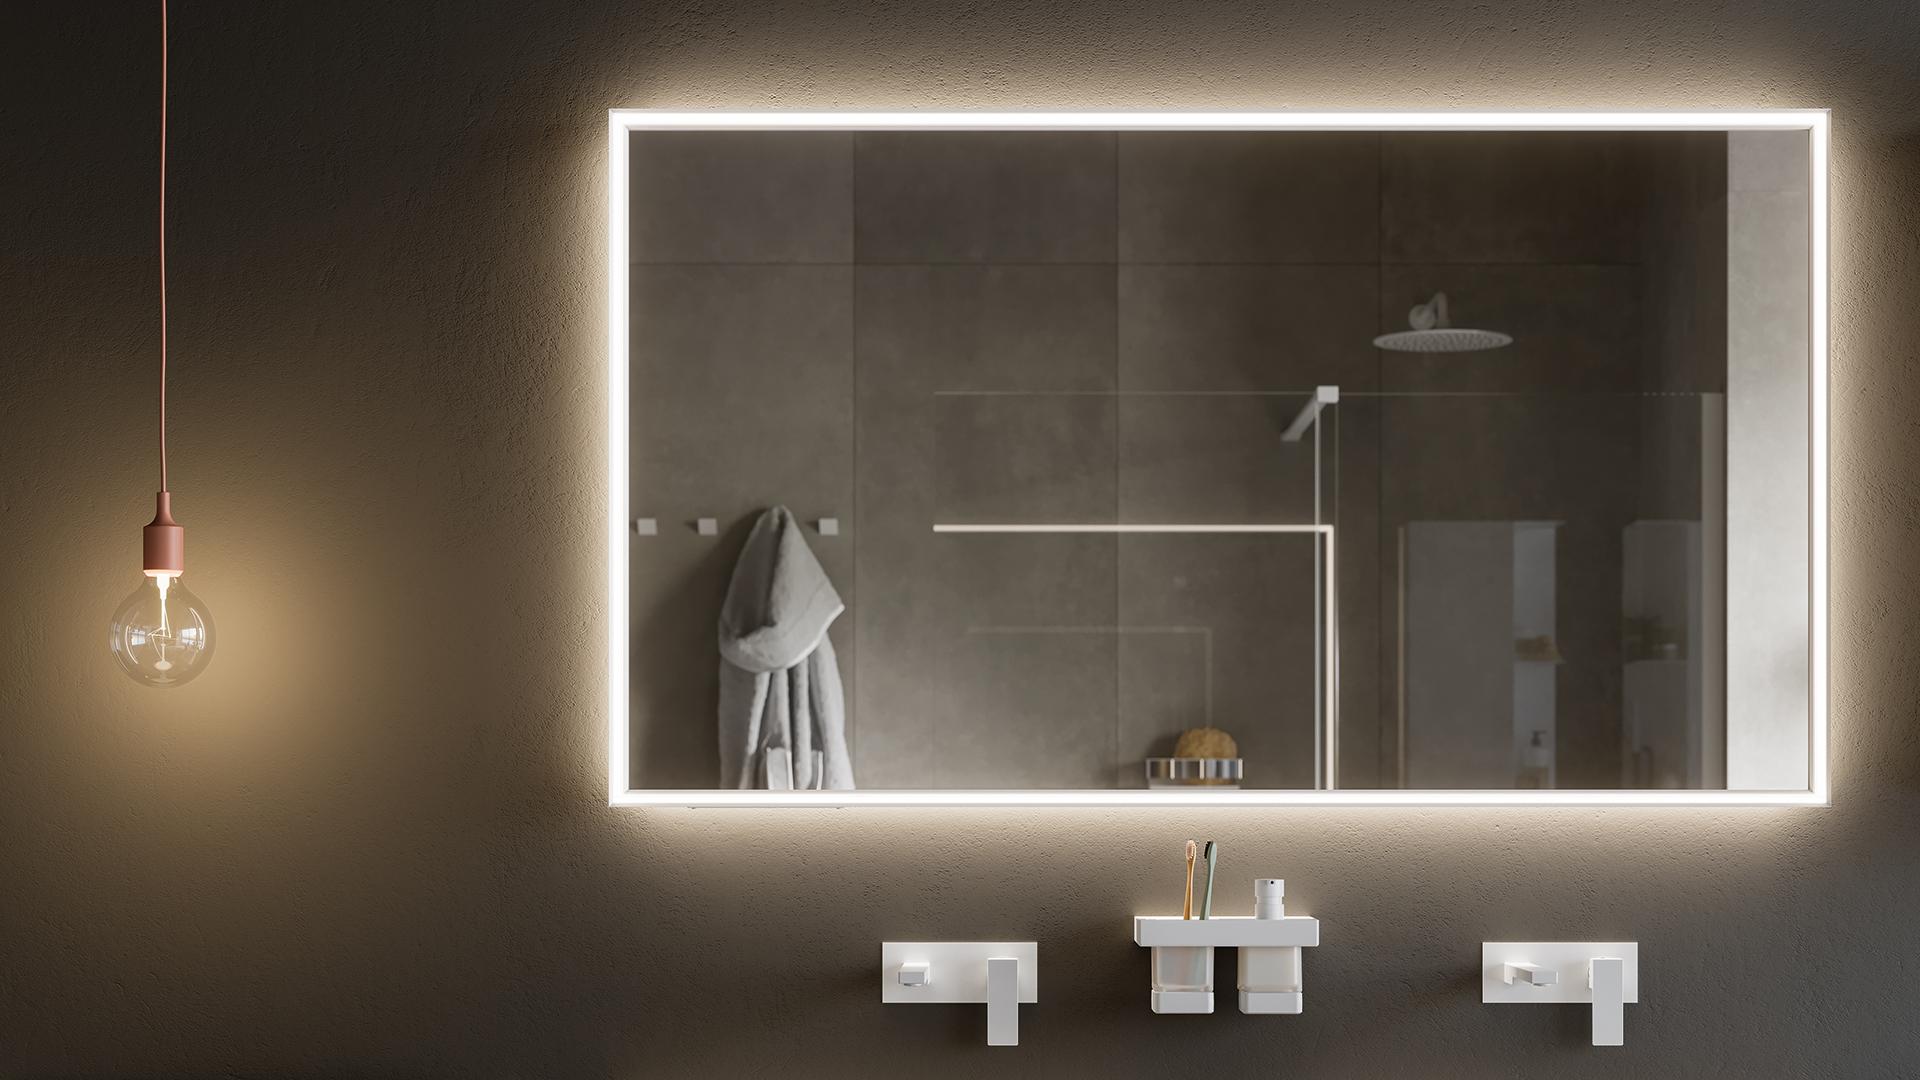 specchi illuminazione_amb1